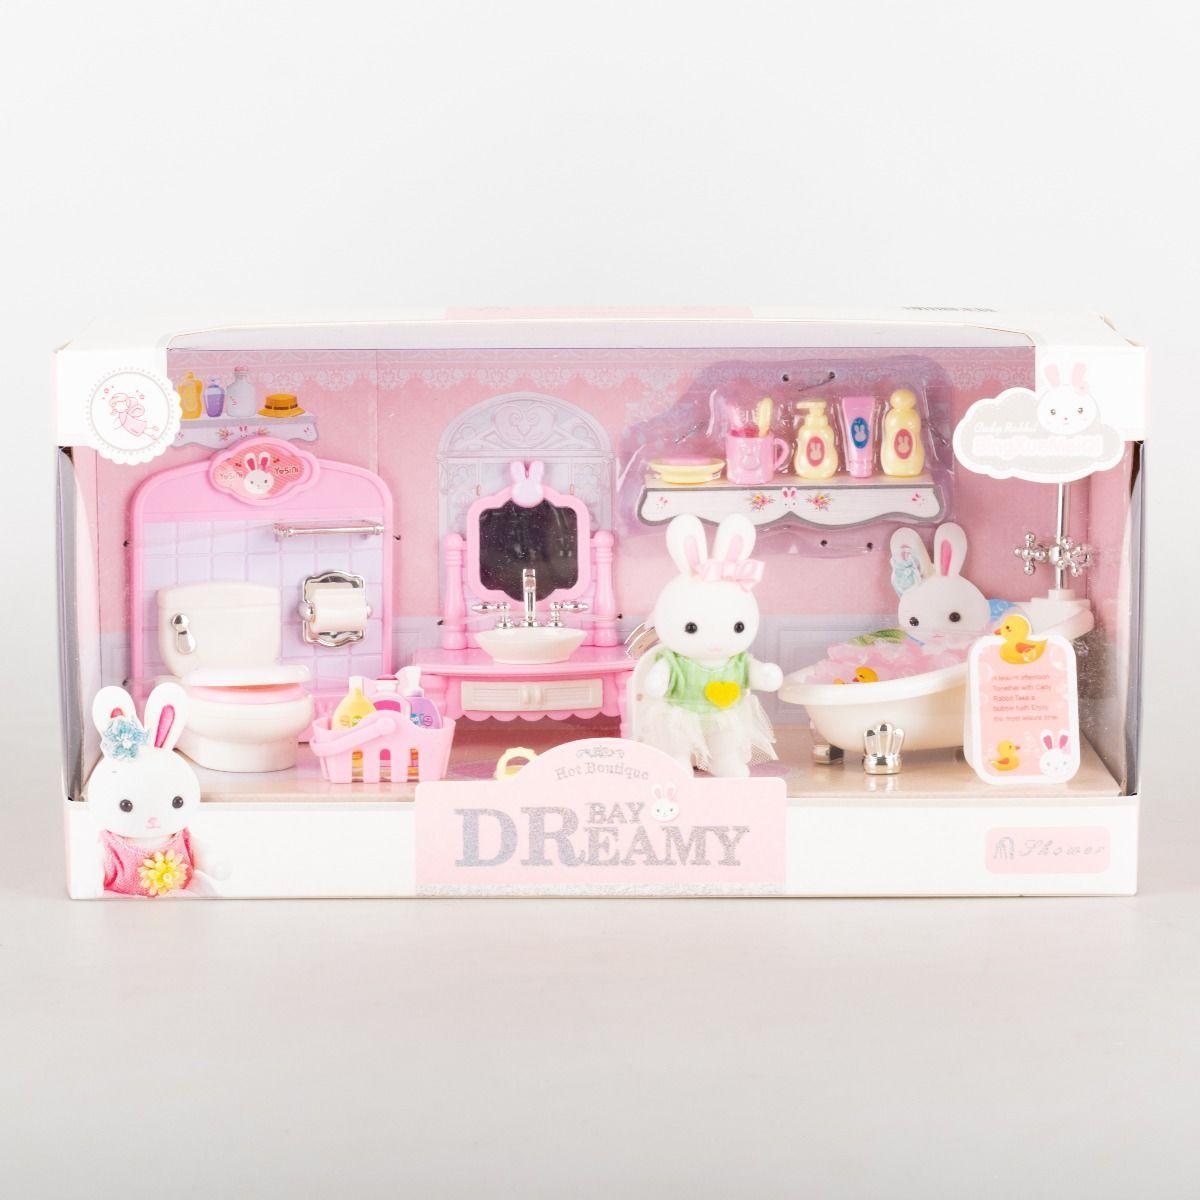 Игровой набор Bay Dreamy ванная комната с мебелью,флоксовый зайка